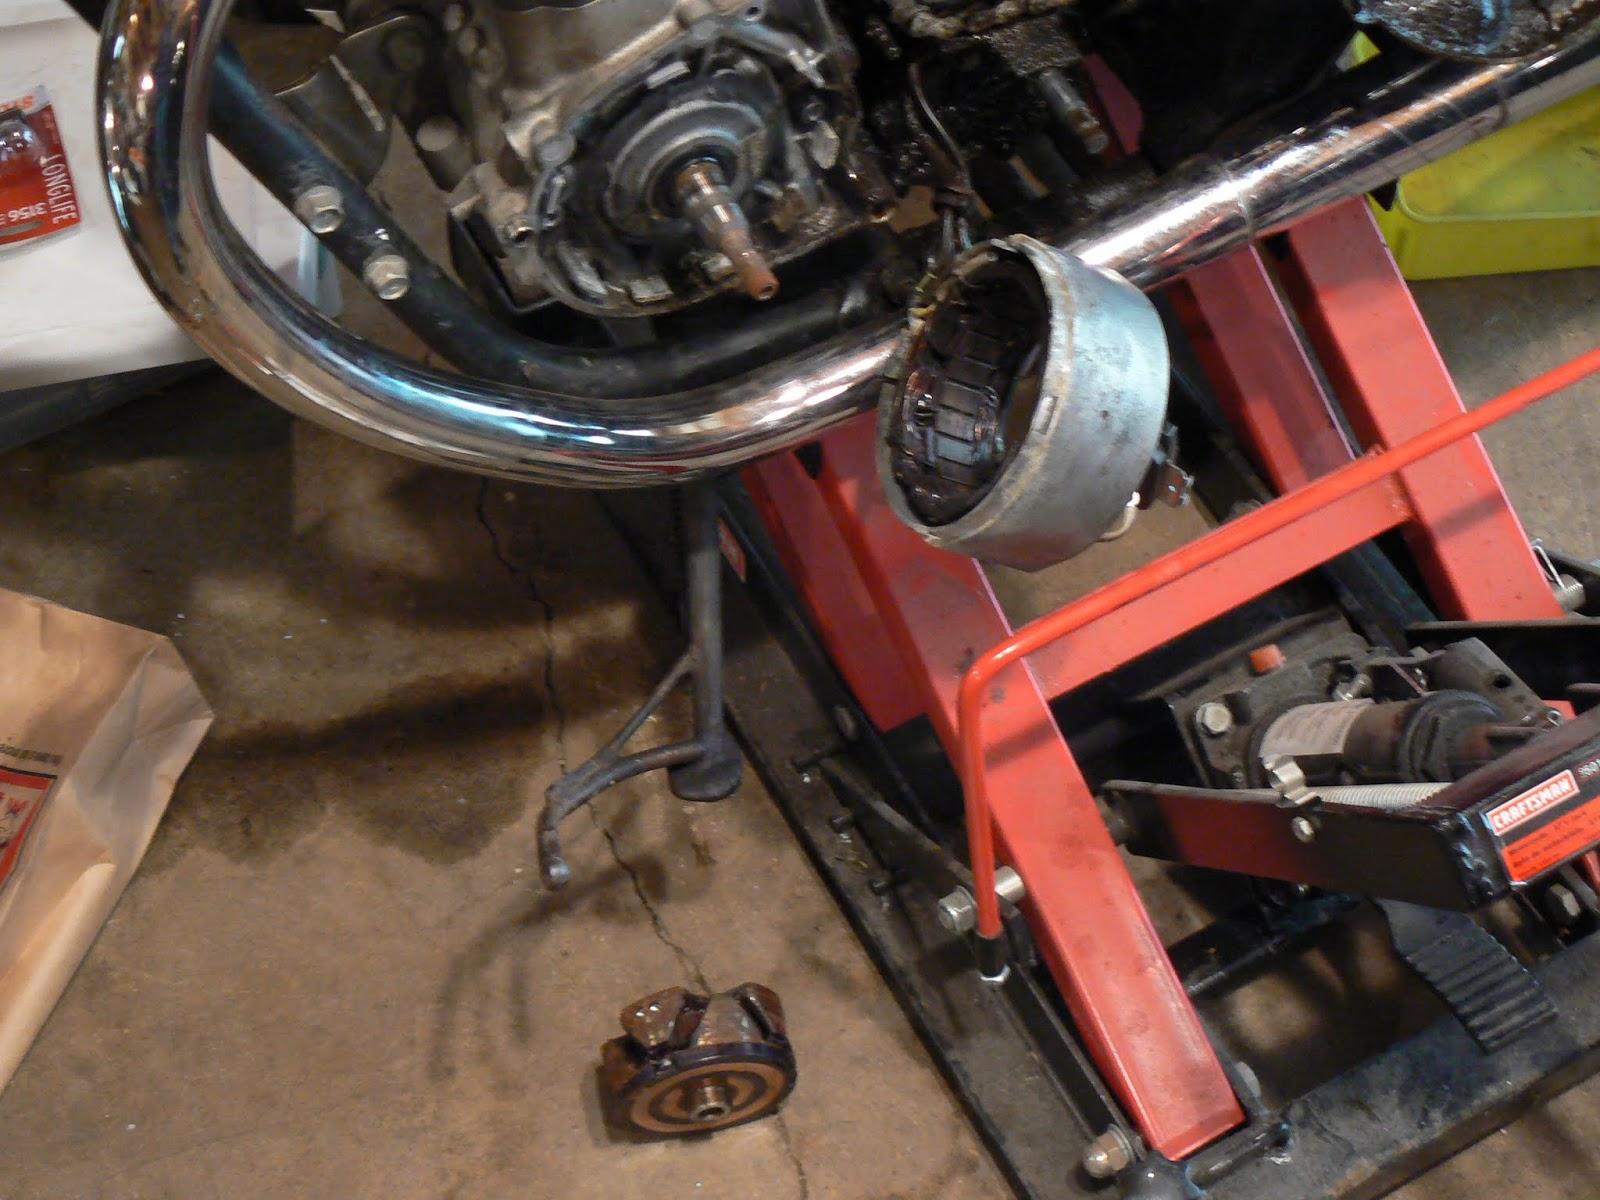 Charging system - XS650 Repair